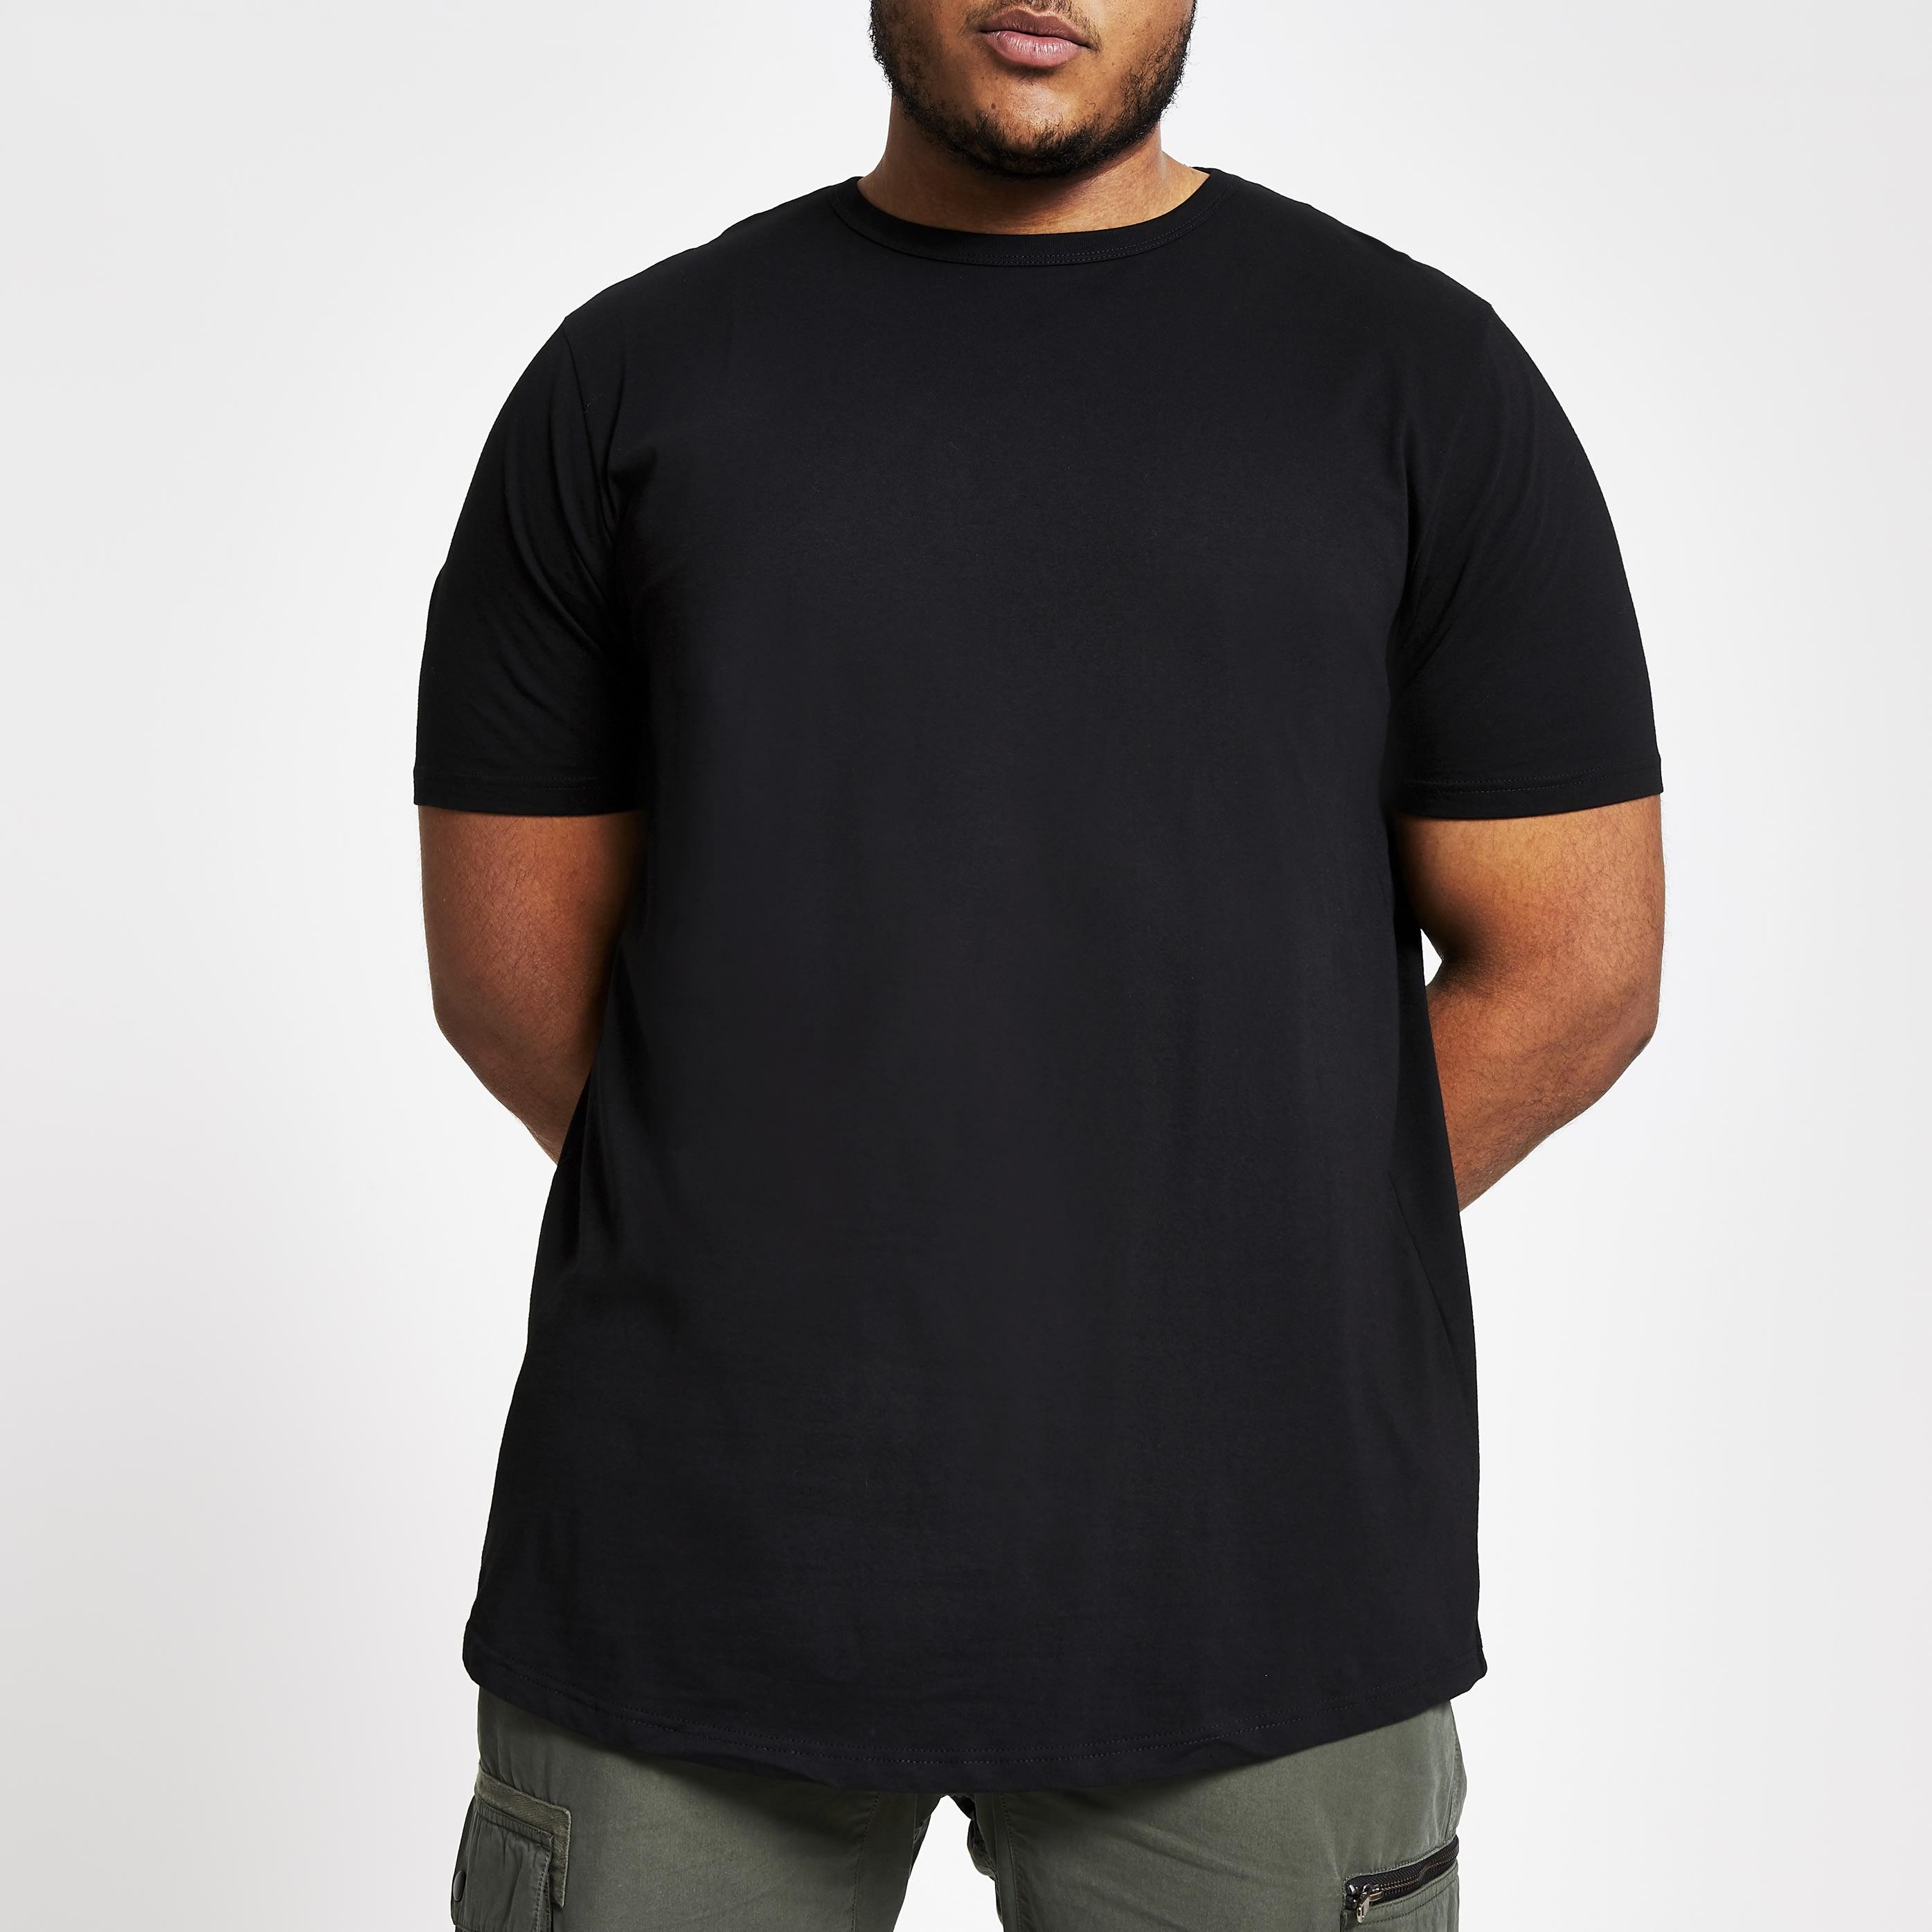 River Island Mens Big and Tall Black curved hem T-shirt (XXXXXXL)